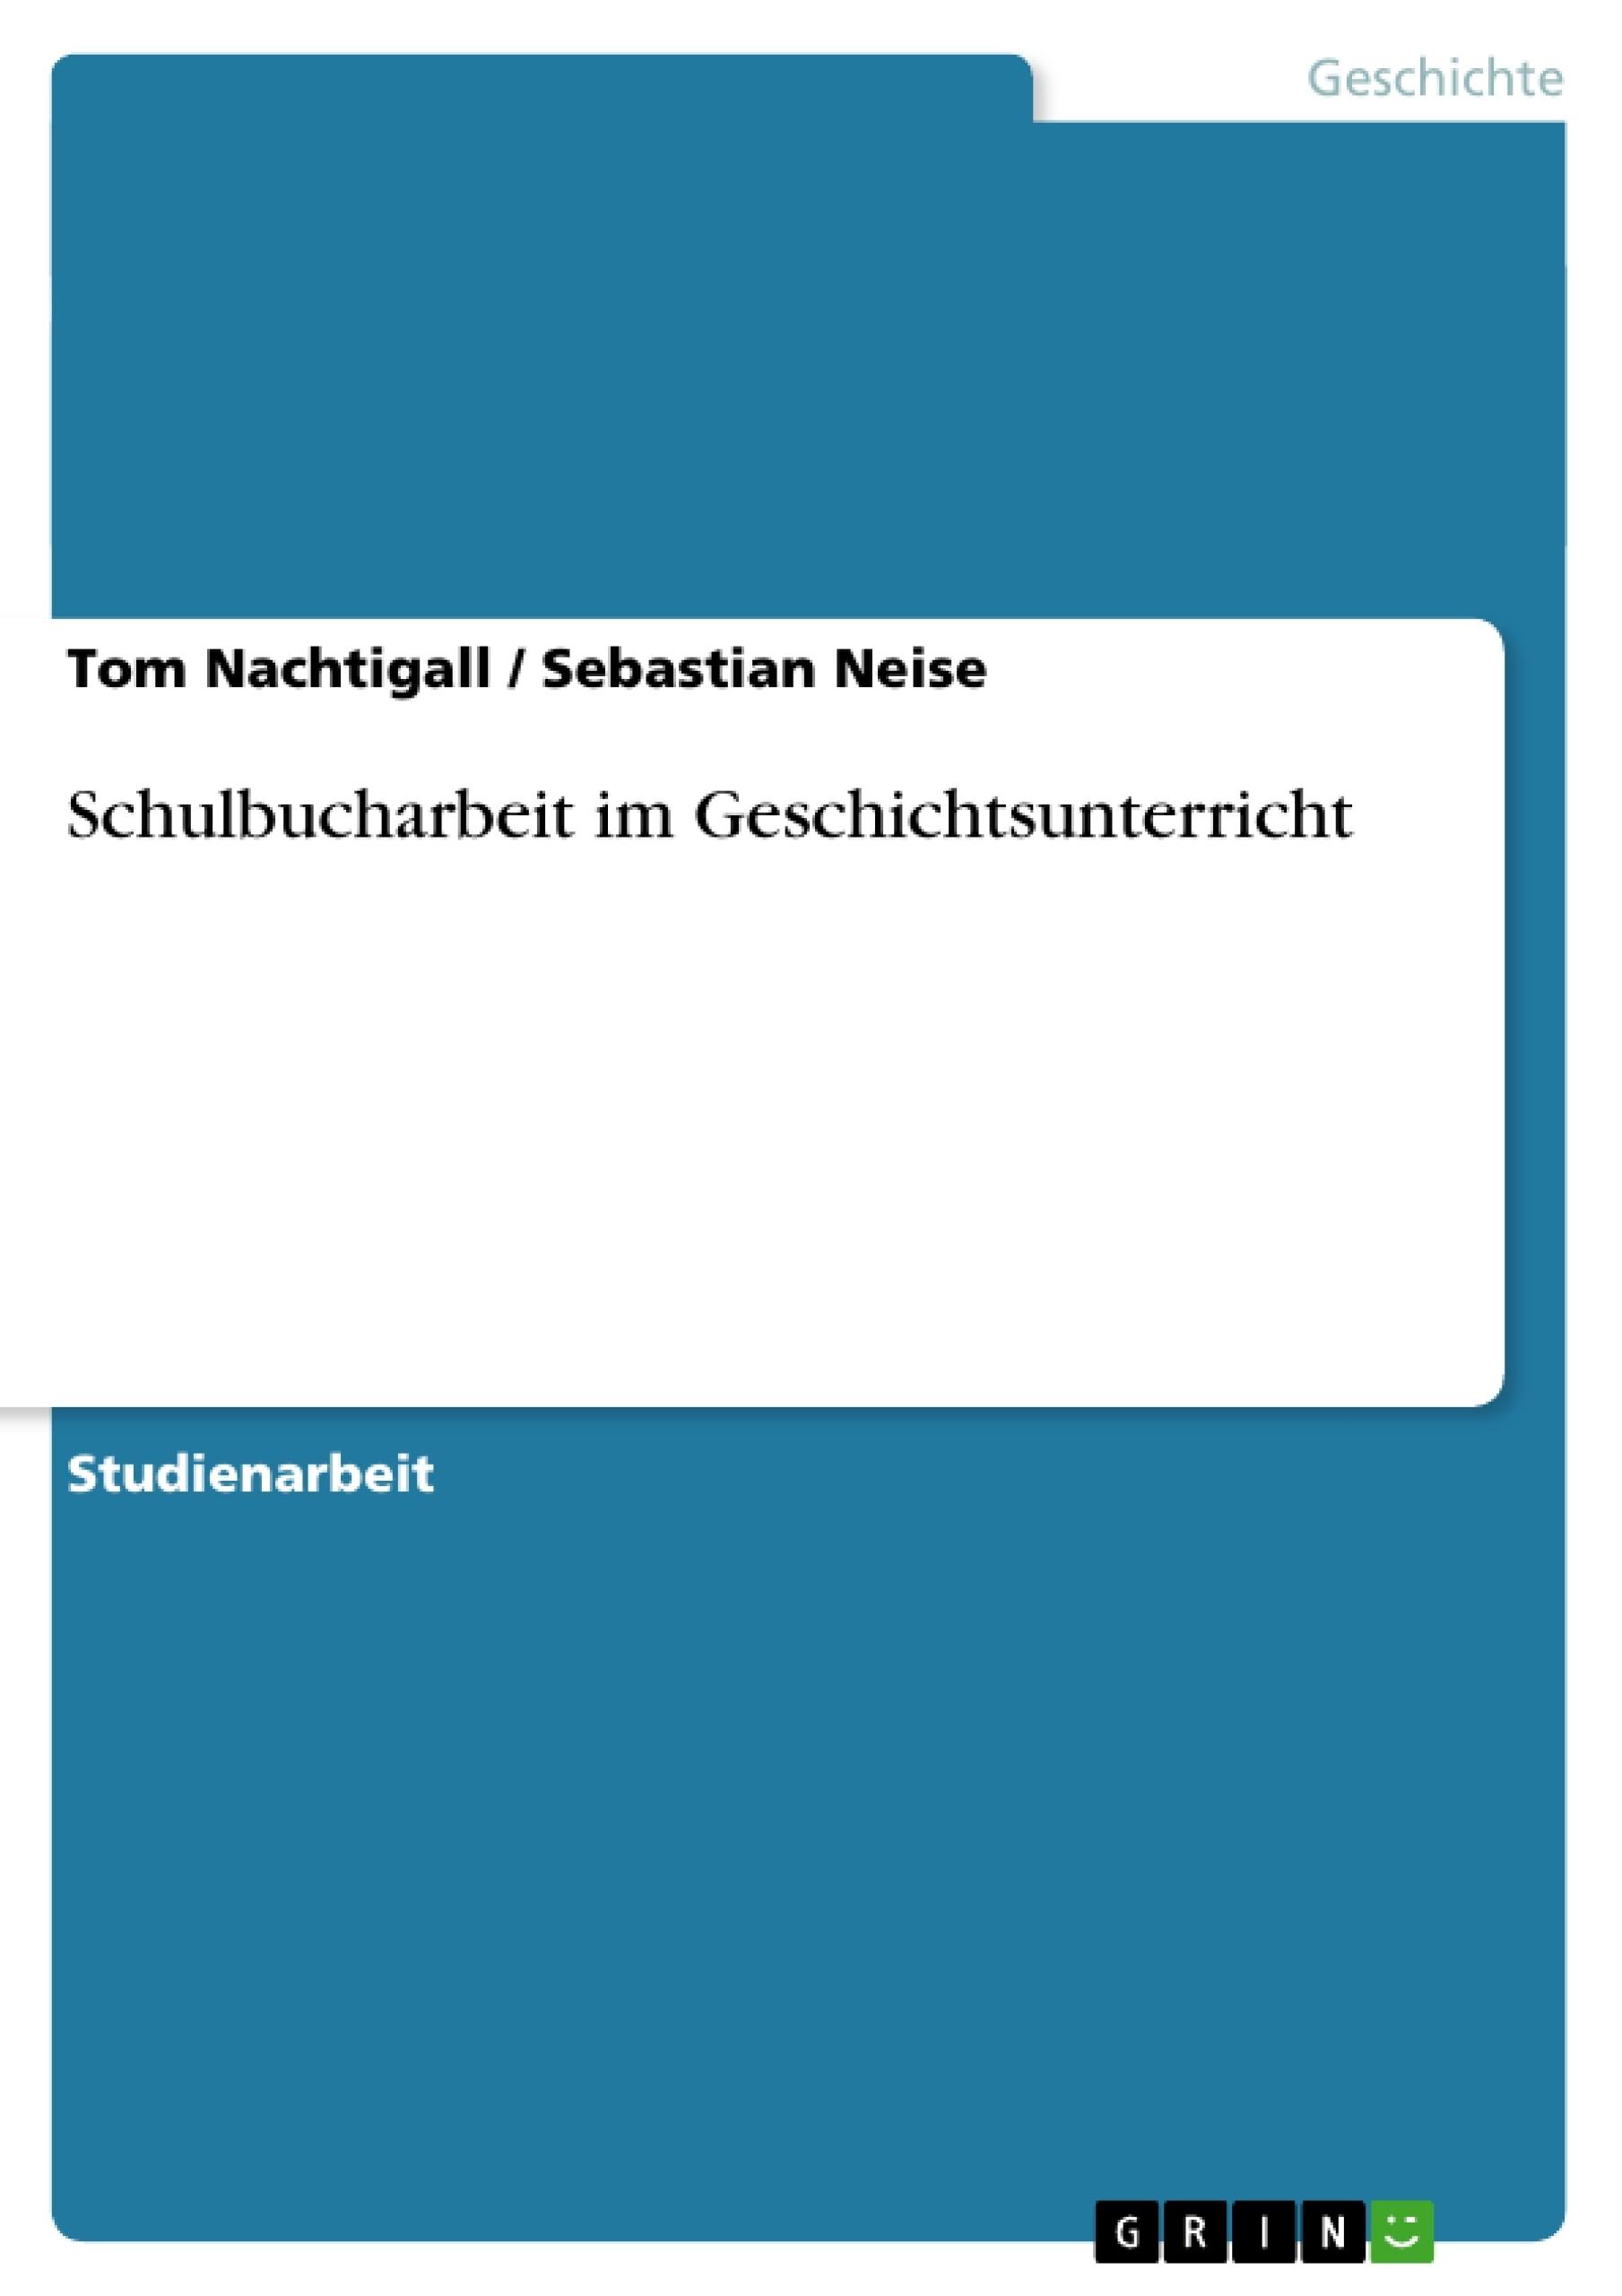 Titel: Schulbucharbeit im Geschichtsunterricht